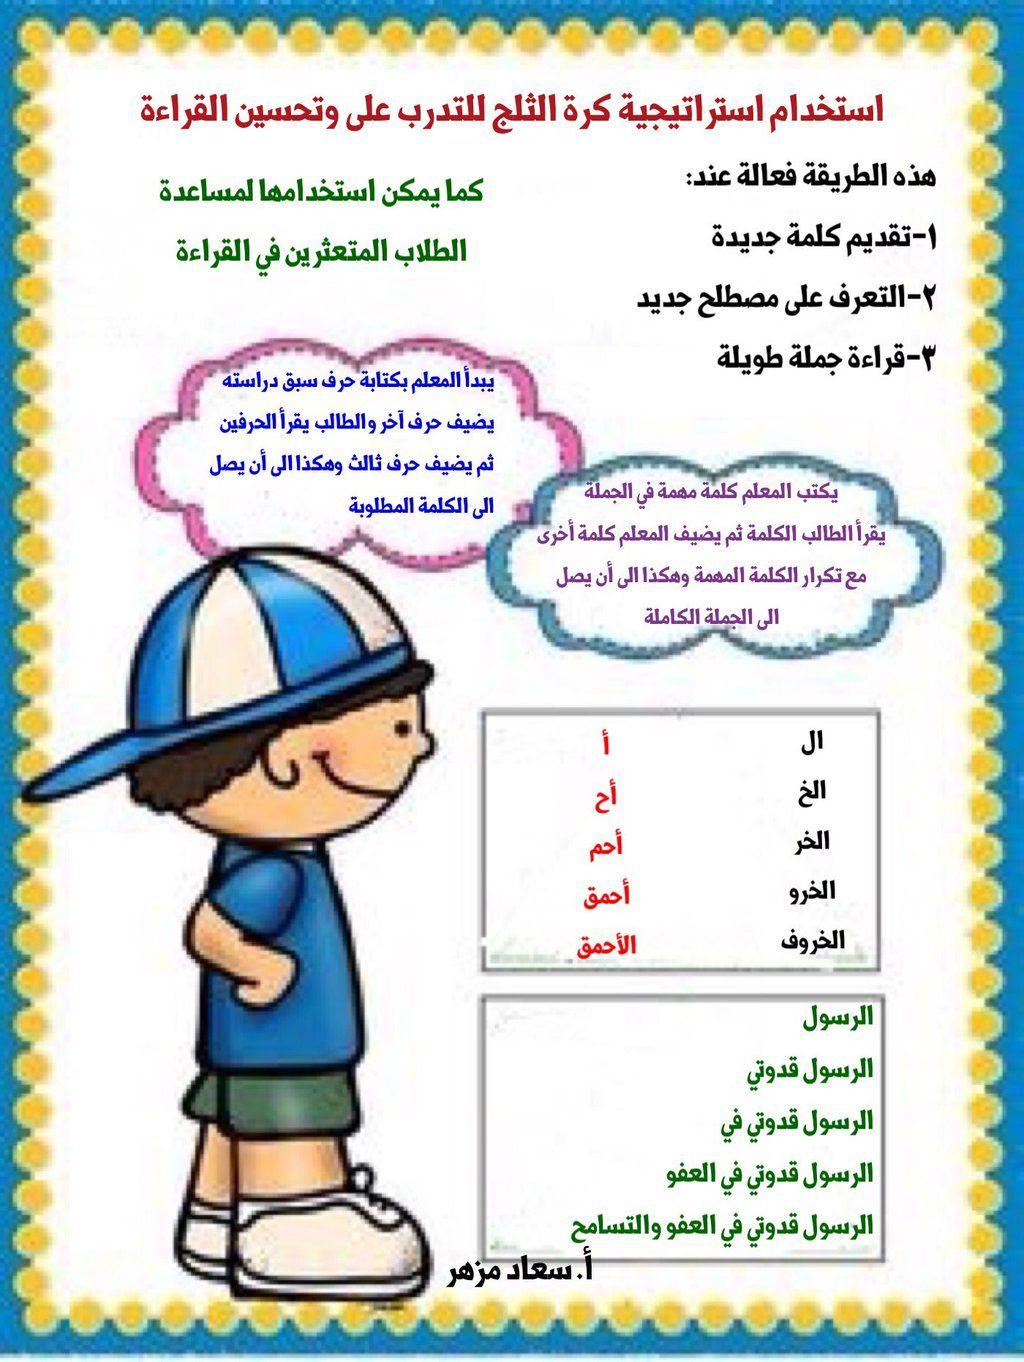 استراتيجيات القراءة الفعالة Active Learning Strategies Preschool Learning Learning Activities